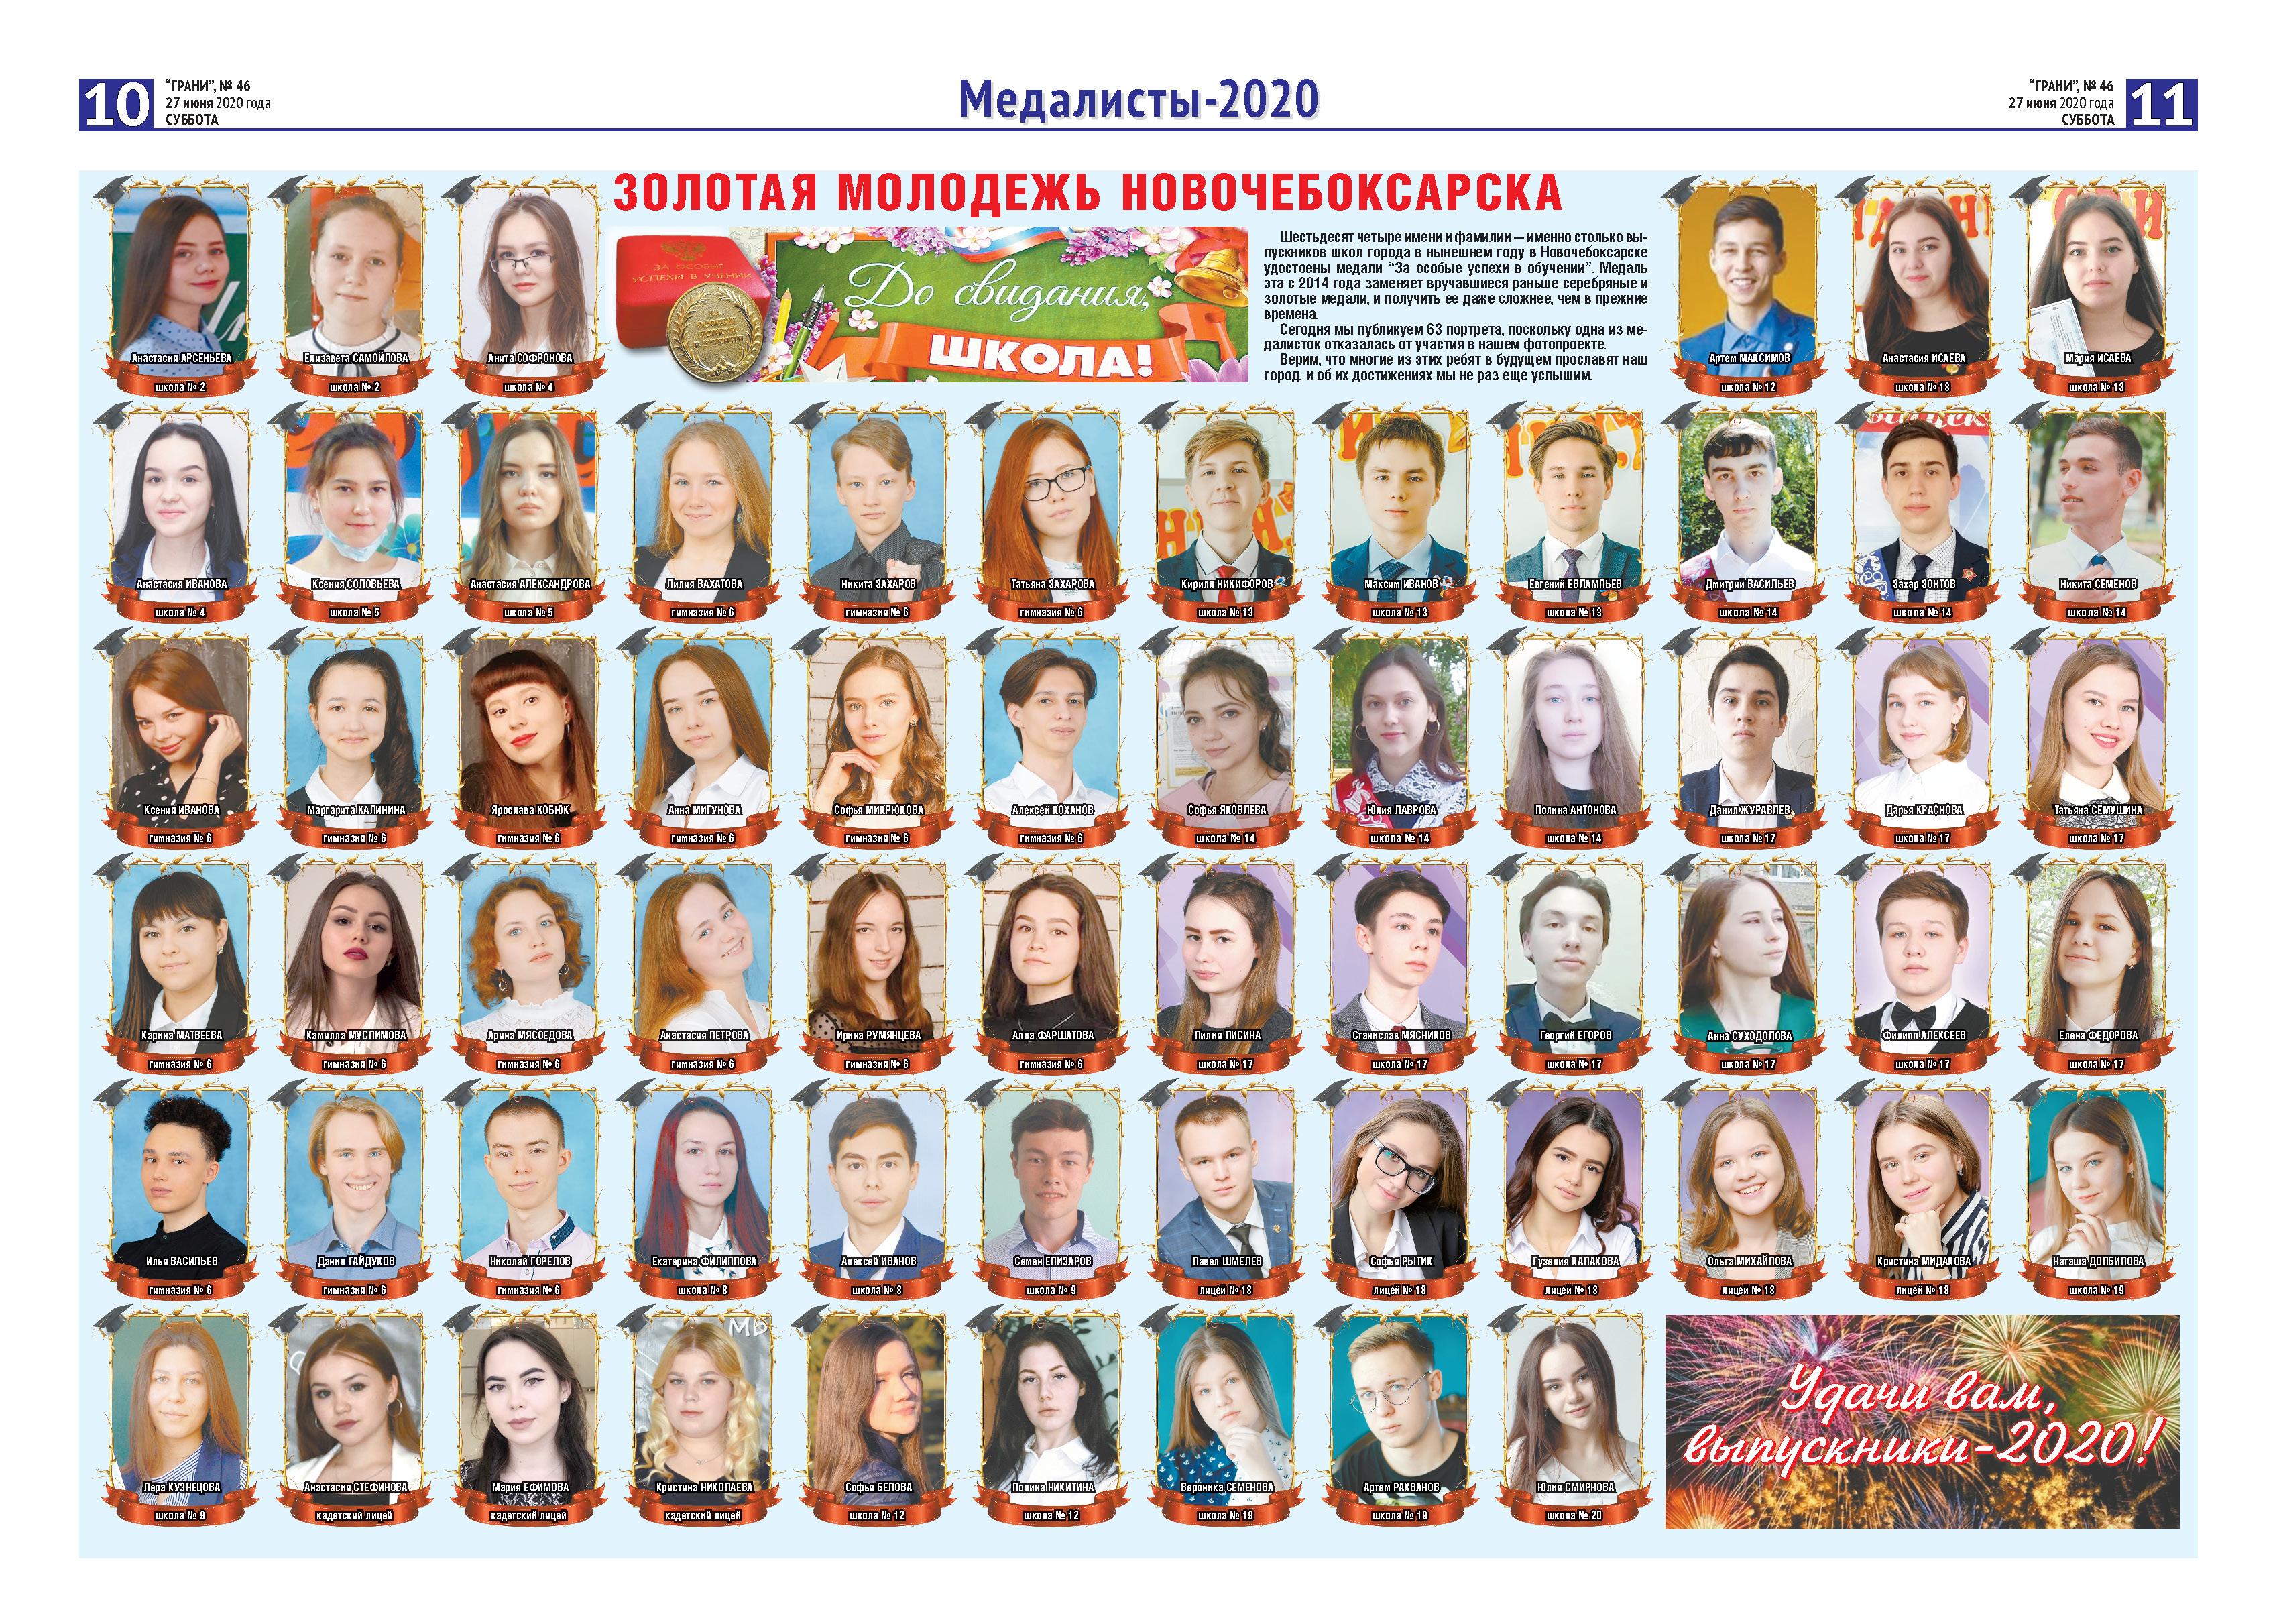 Медалисты Новочебоксарска